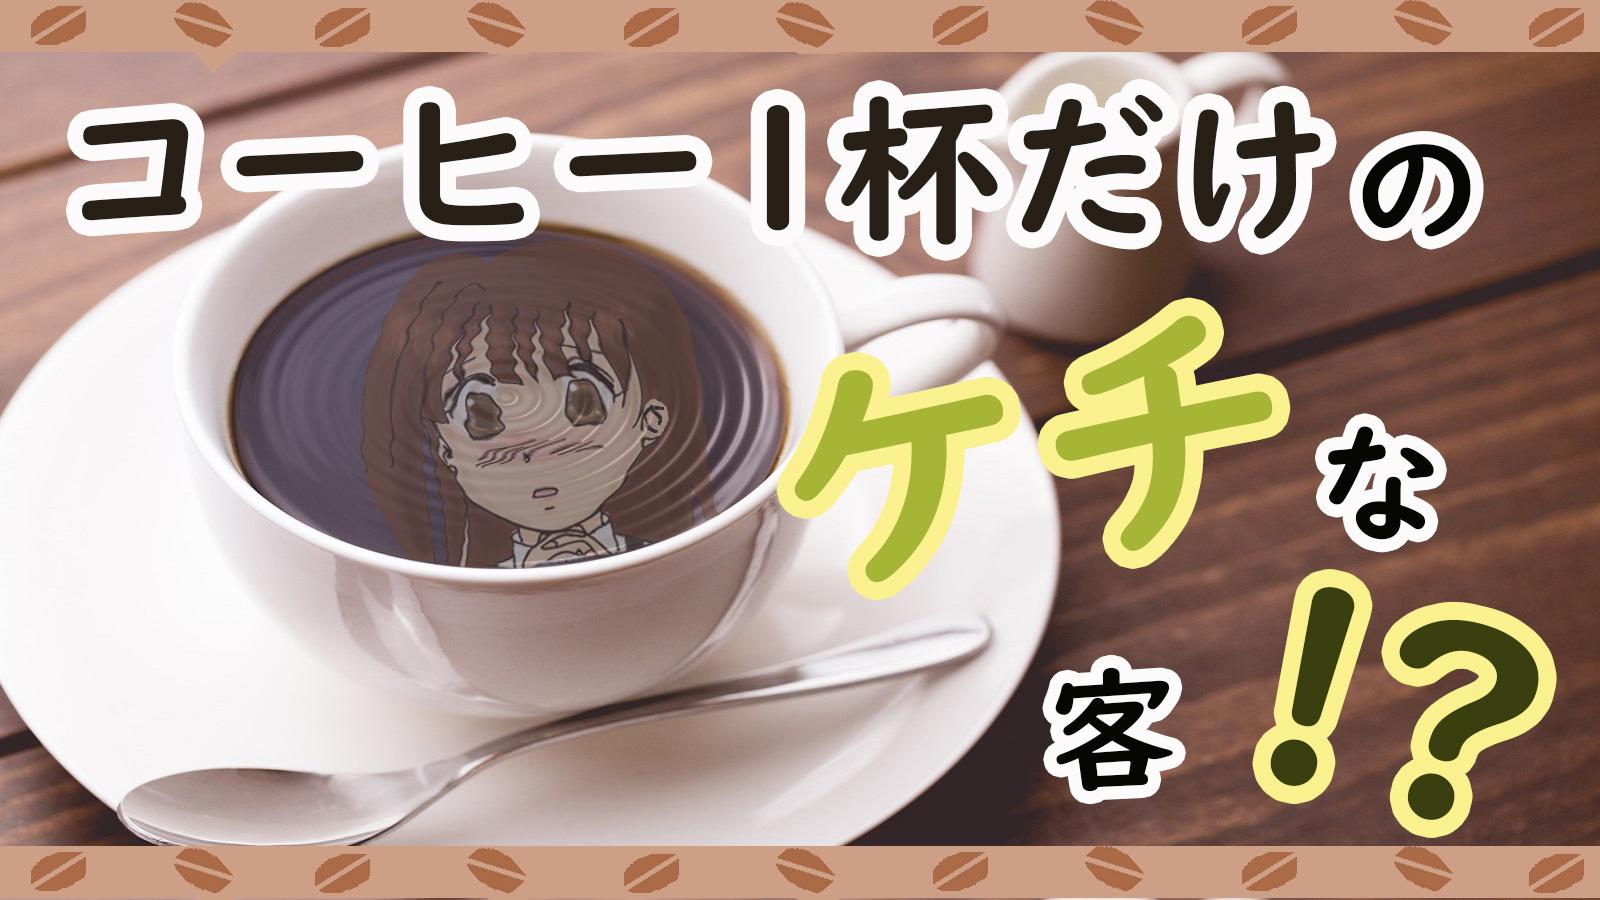 コーヒーしか頼まない客はケチなのか?